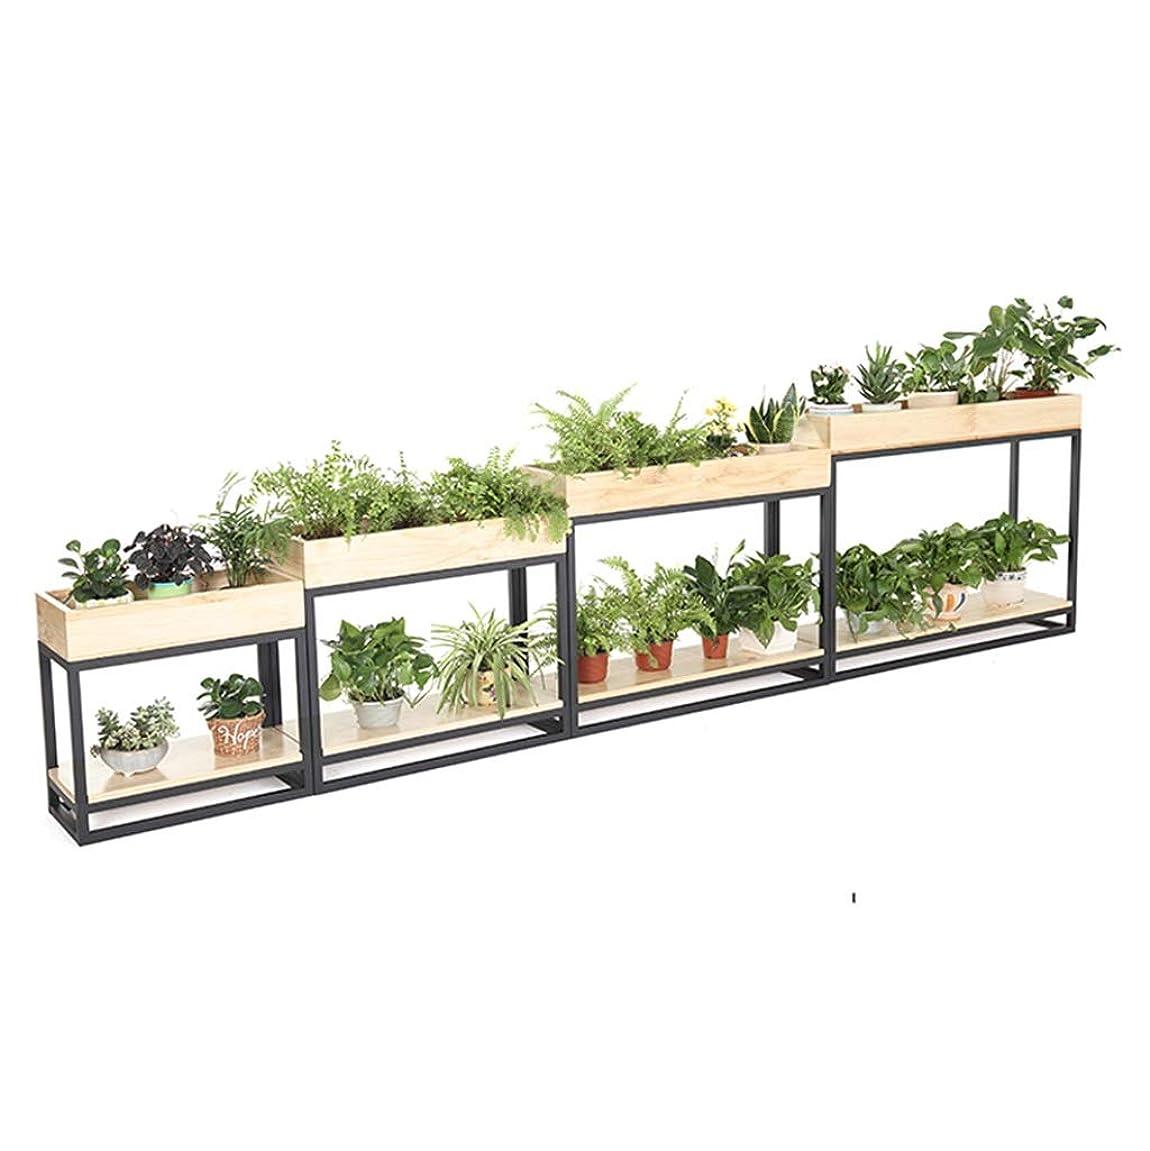 シネマ微弱水曜日堅牢 純木の植物の容器の錬鉄のレストラ? LL-12I3?の仕切りの花の棚の庭、バルコ? AQSG